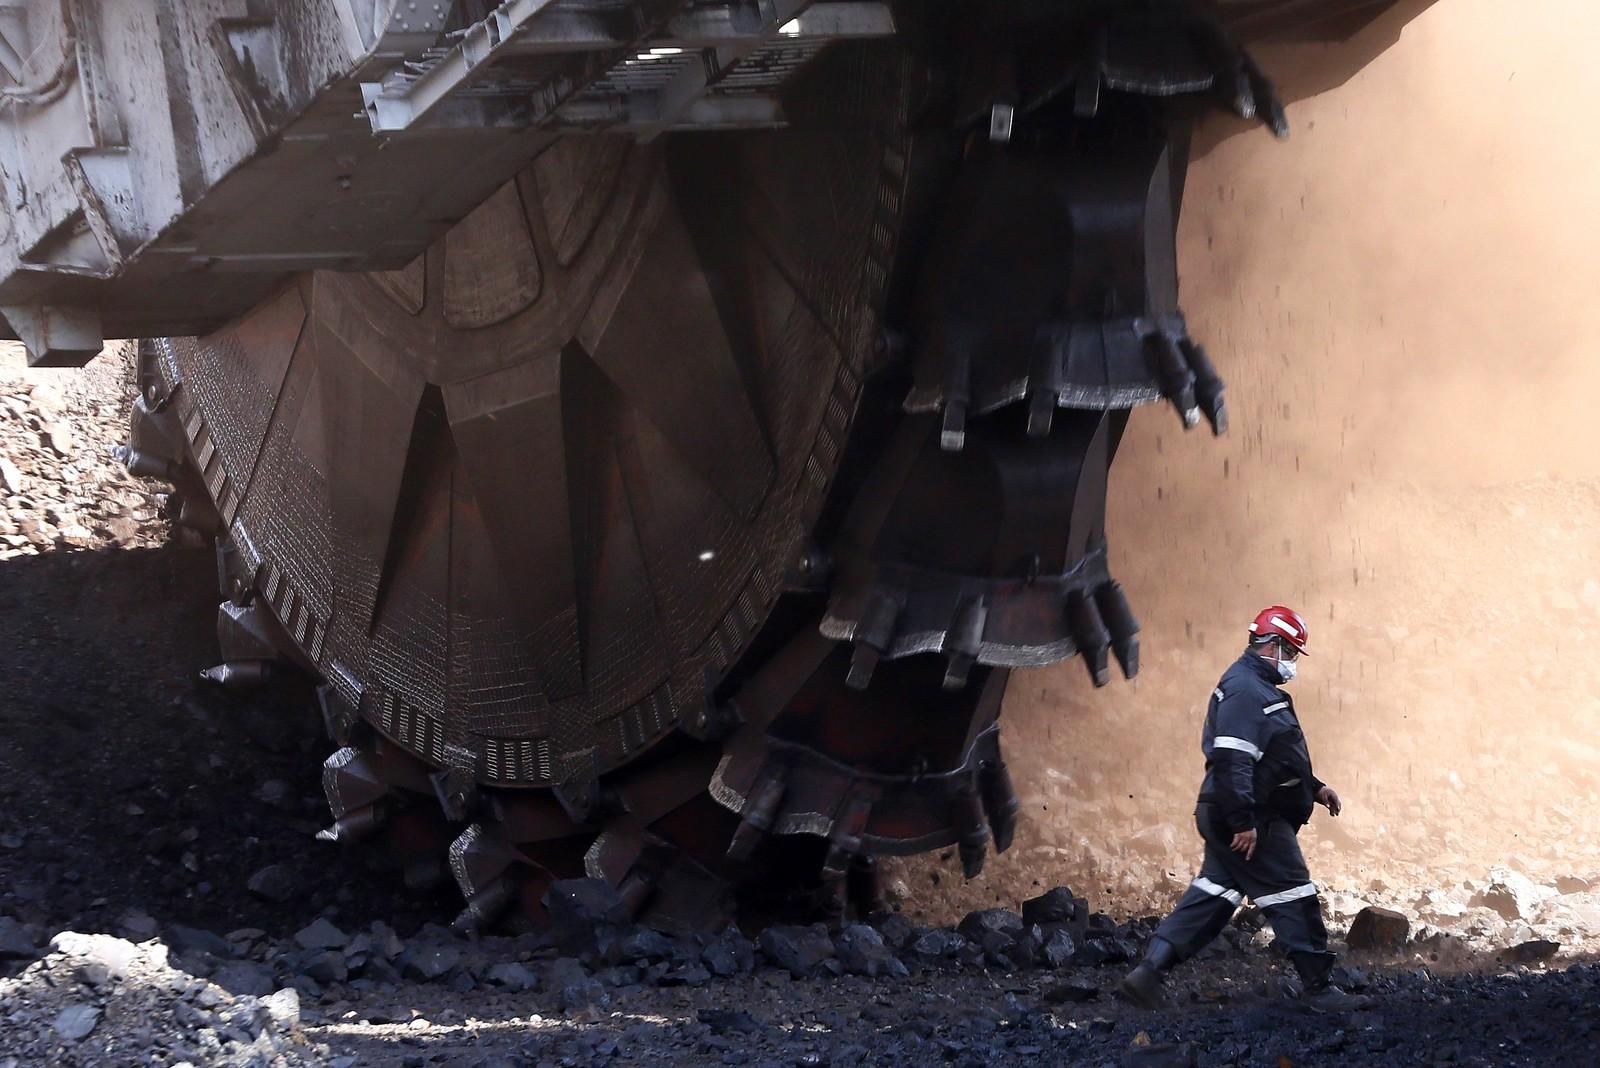 Truende tenner. En mann går forbi en anleggsmaskin fra sovjettiden som brukes til å utvinne kull ved den sibirske byen Sjarypovoi i Russland.